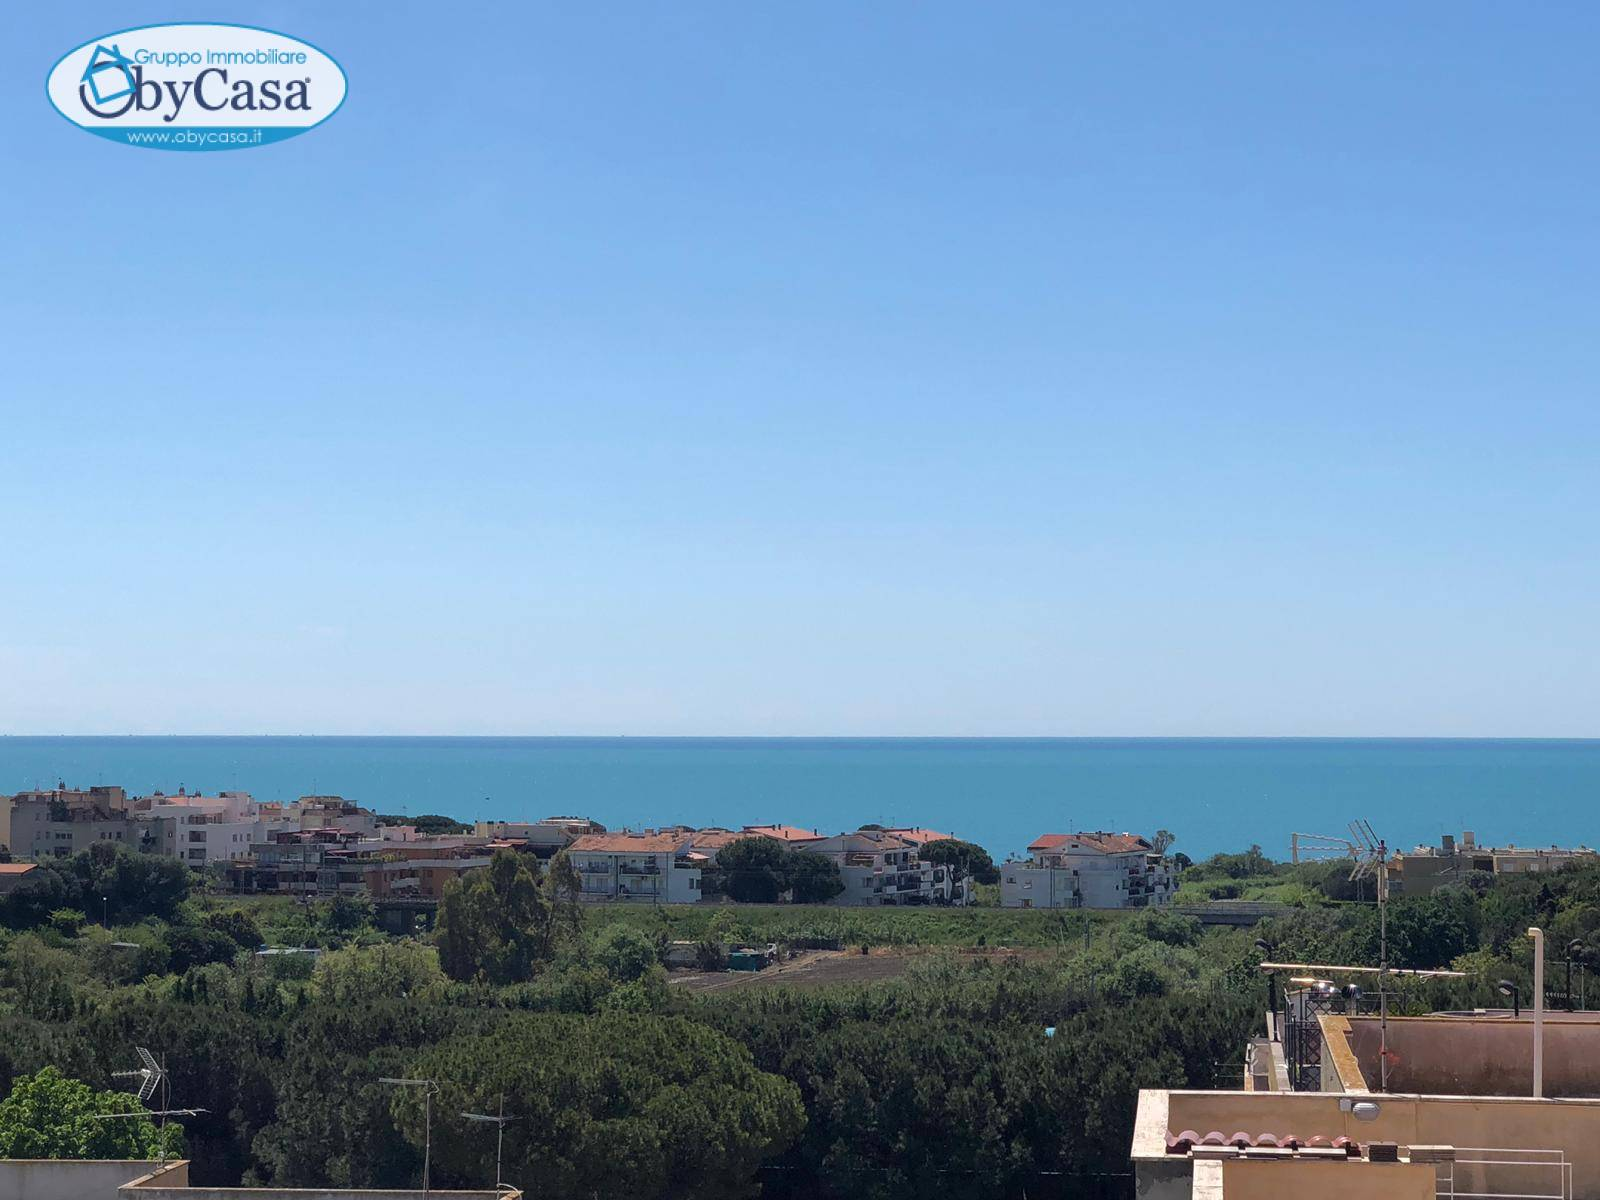 Appartamento in vendita a Santa Marinella, 3 locali, zona Località: Fiori, prezzo € 89.000 | PortaleAgenzieImmobiliari.it